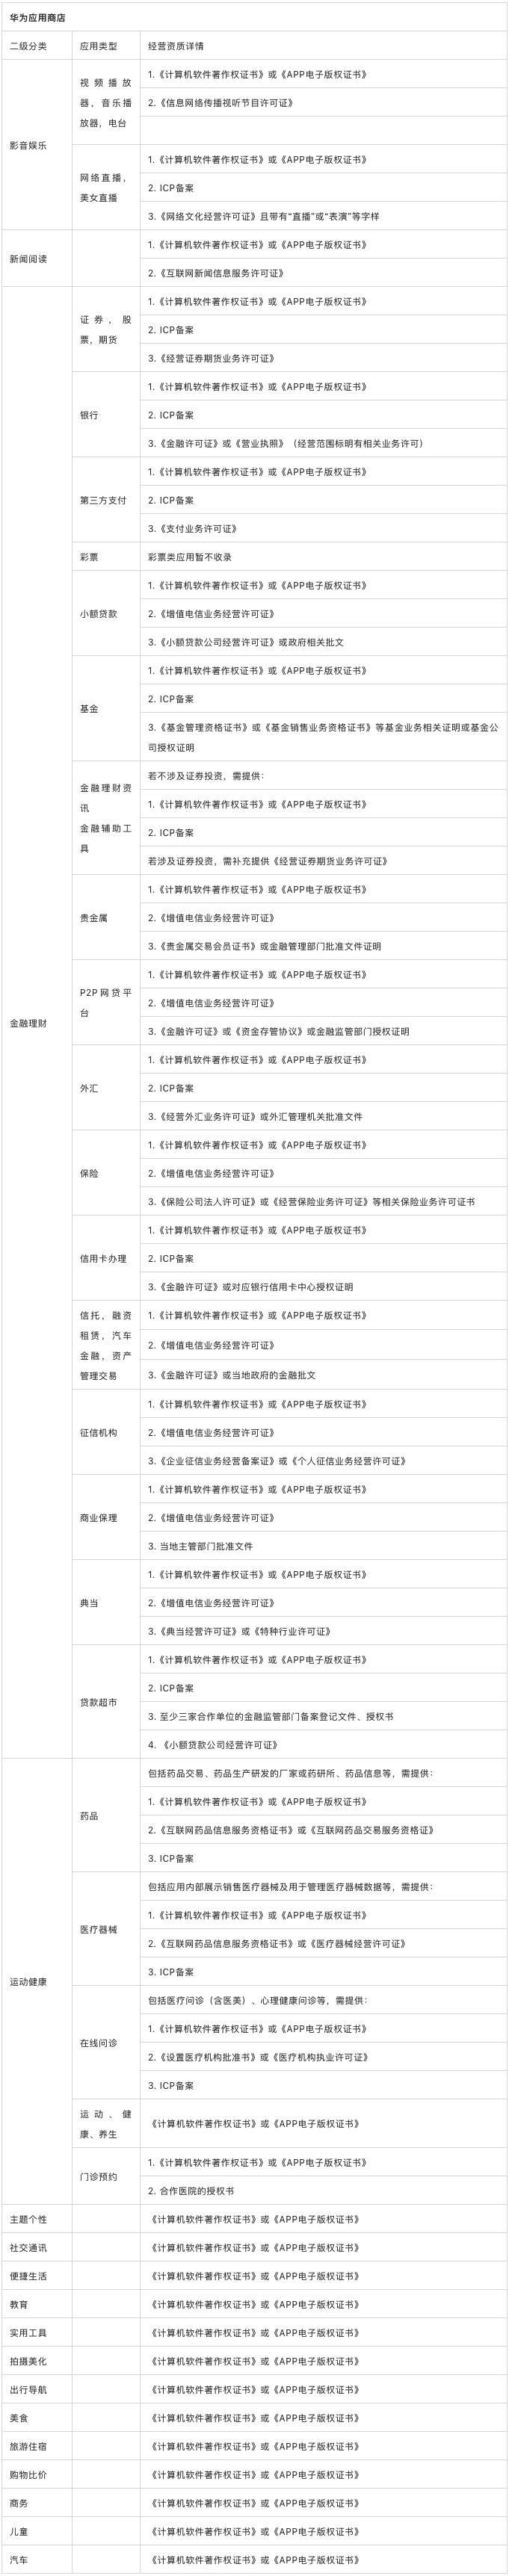 鸟哥笔记,ASO,无忌,APP推广,关键词,应用商店